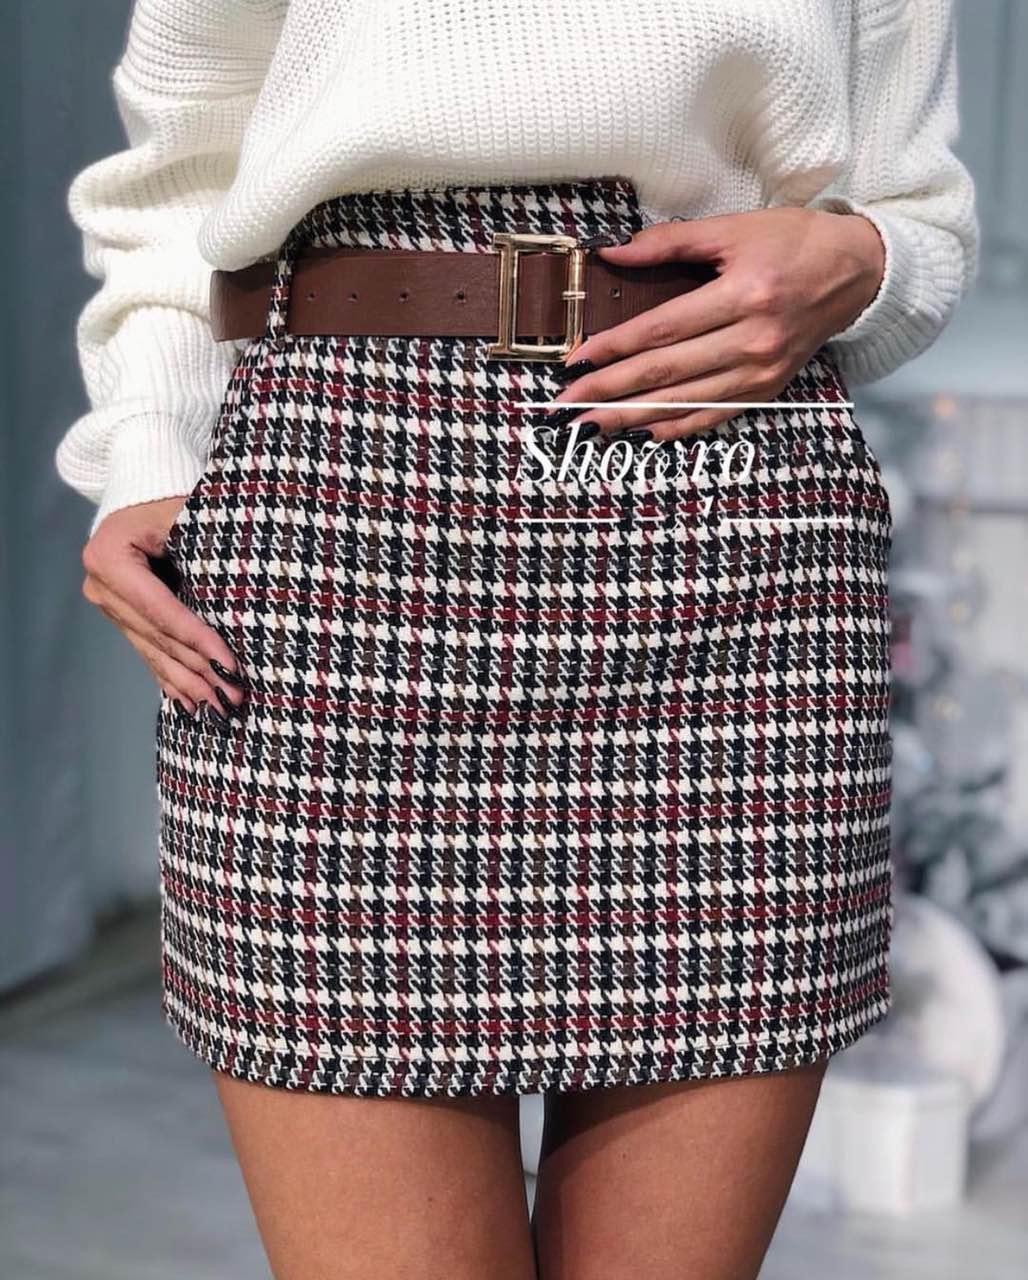 Женственная юбка теплая  твидовая Клетка. Фабричный Китай. Размер S.  M,L + пояс